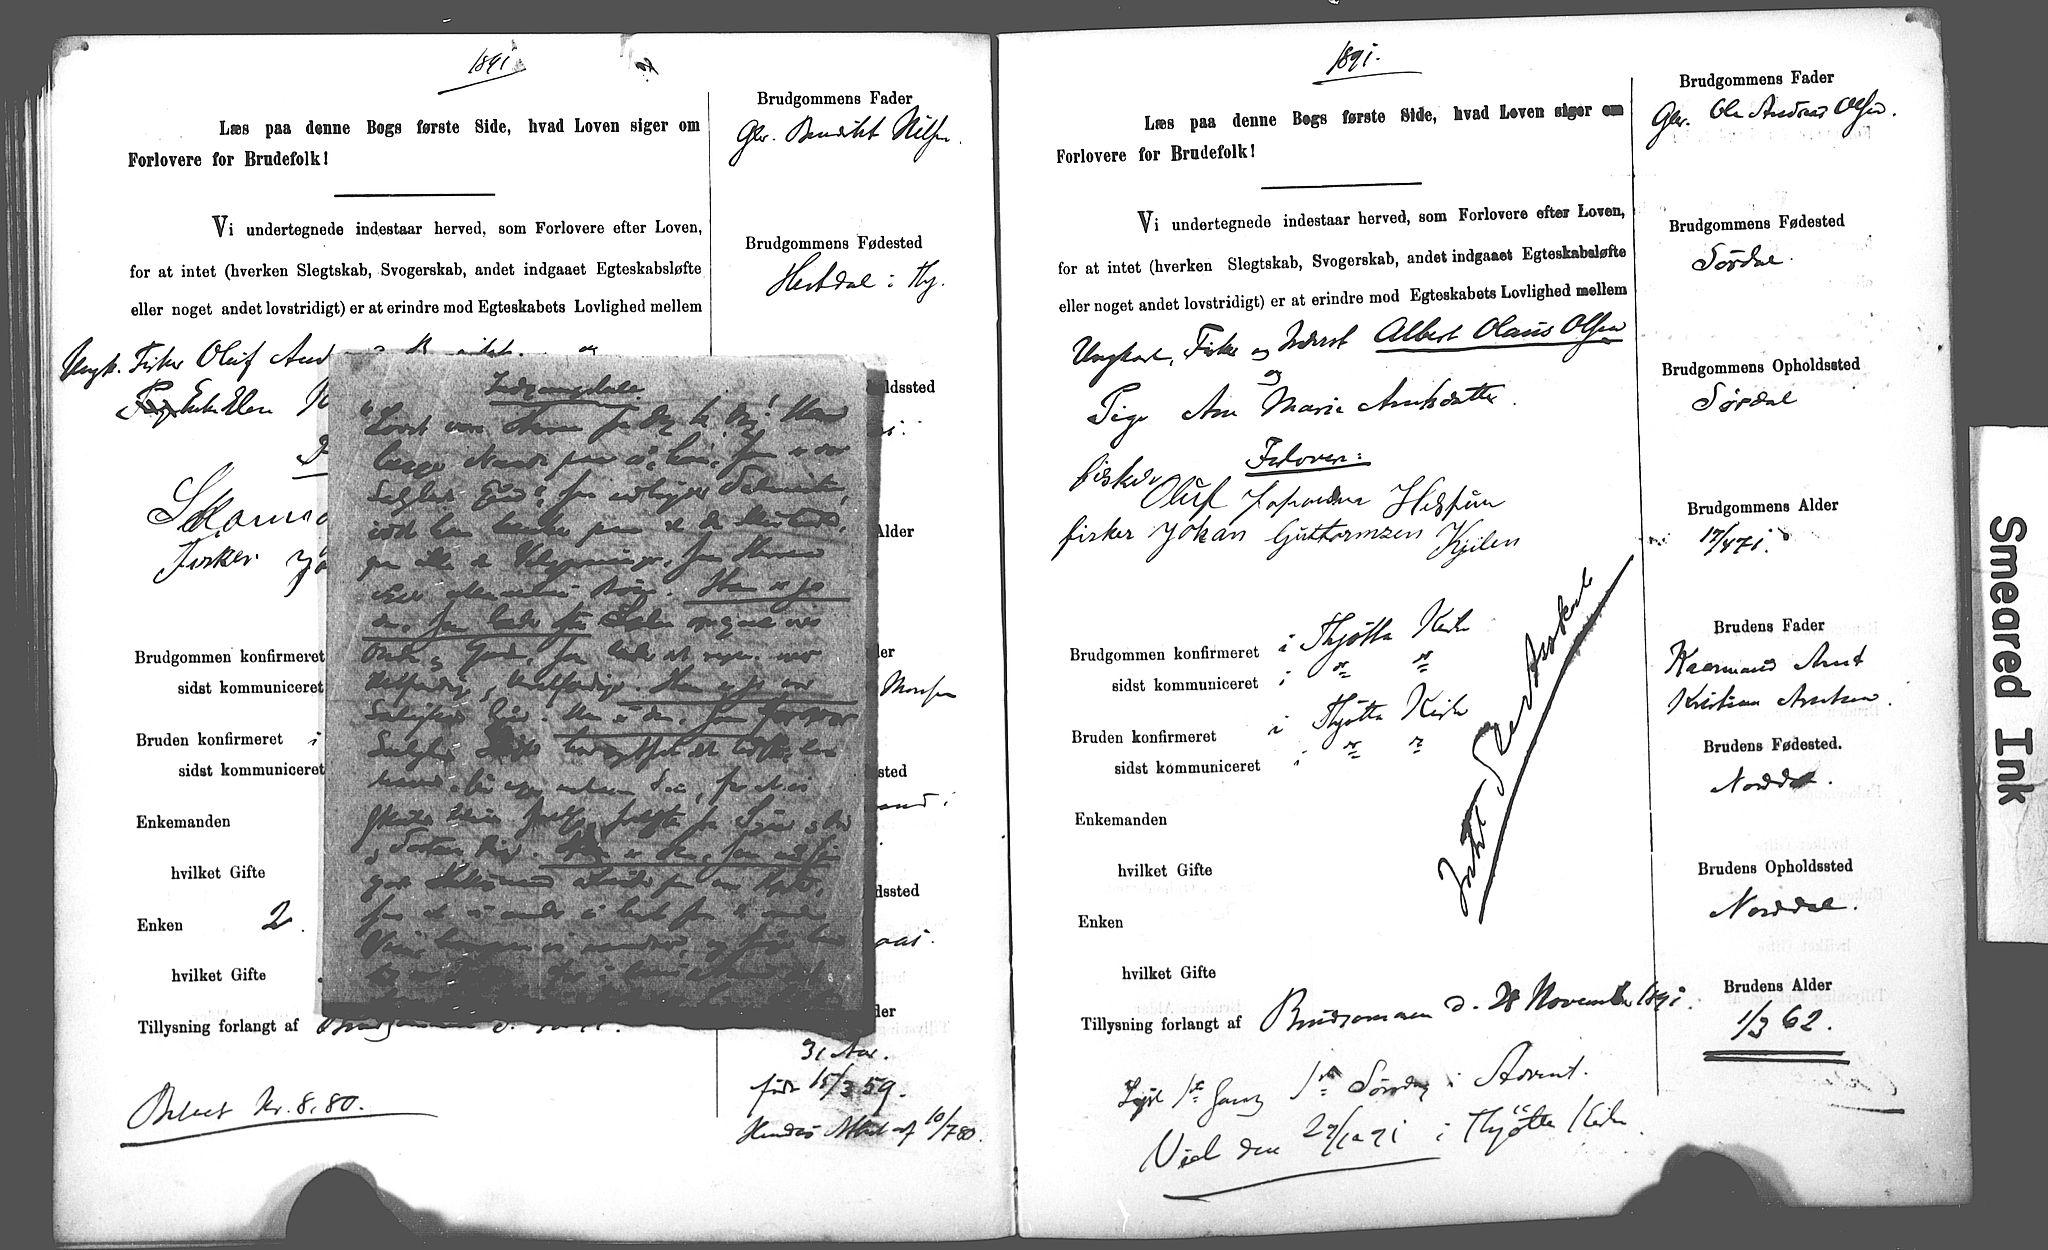 SAT, Uten arkivreferanse**, Lysningsprotokoll nr. 1 /2 (Trøgstad), 1891-1895